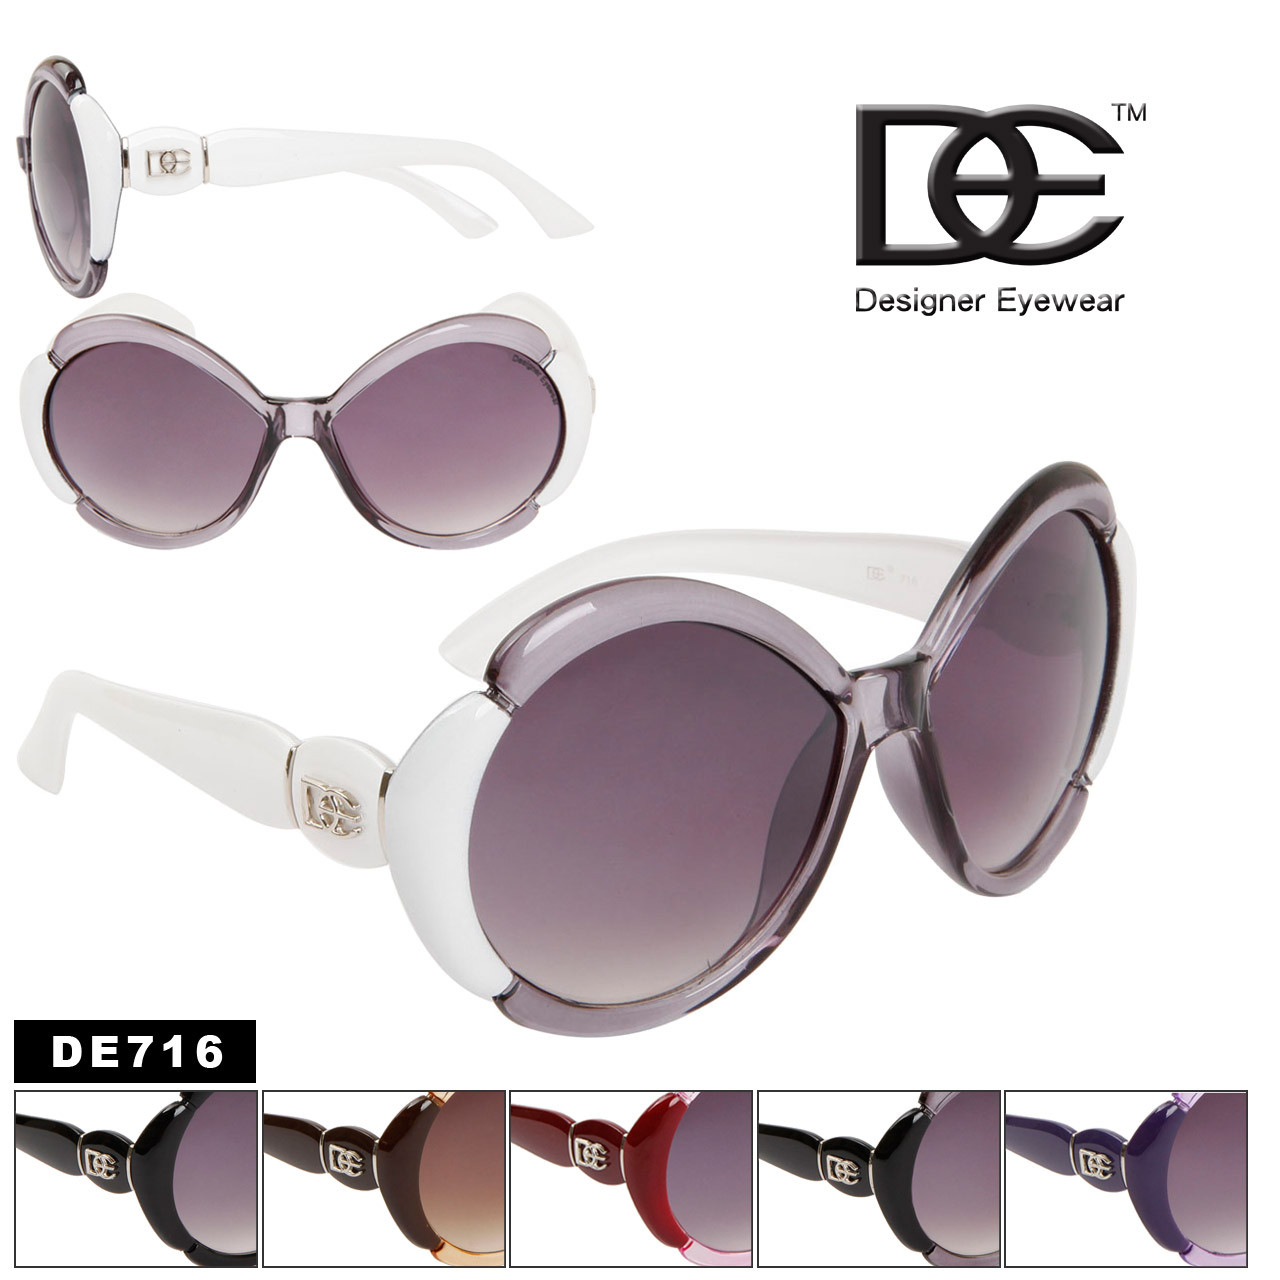 Women's Wholesale Sunglasses DE716